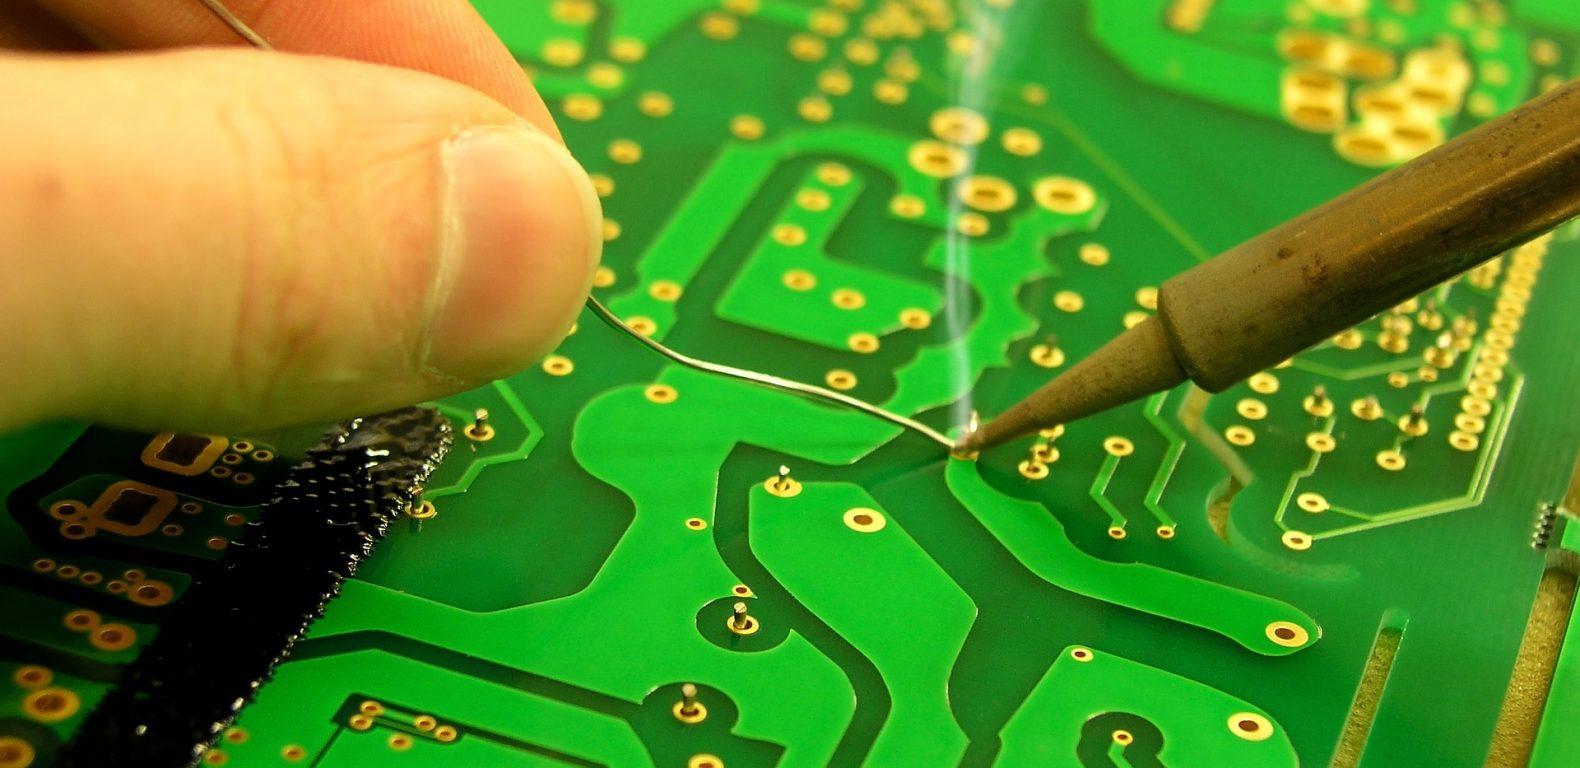 soldering-3280085_1920